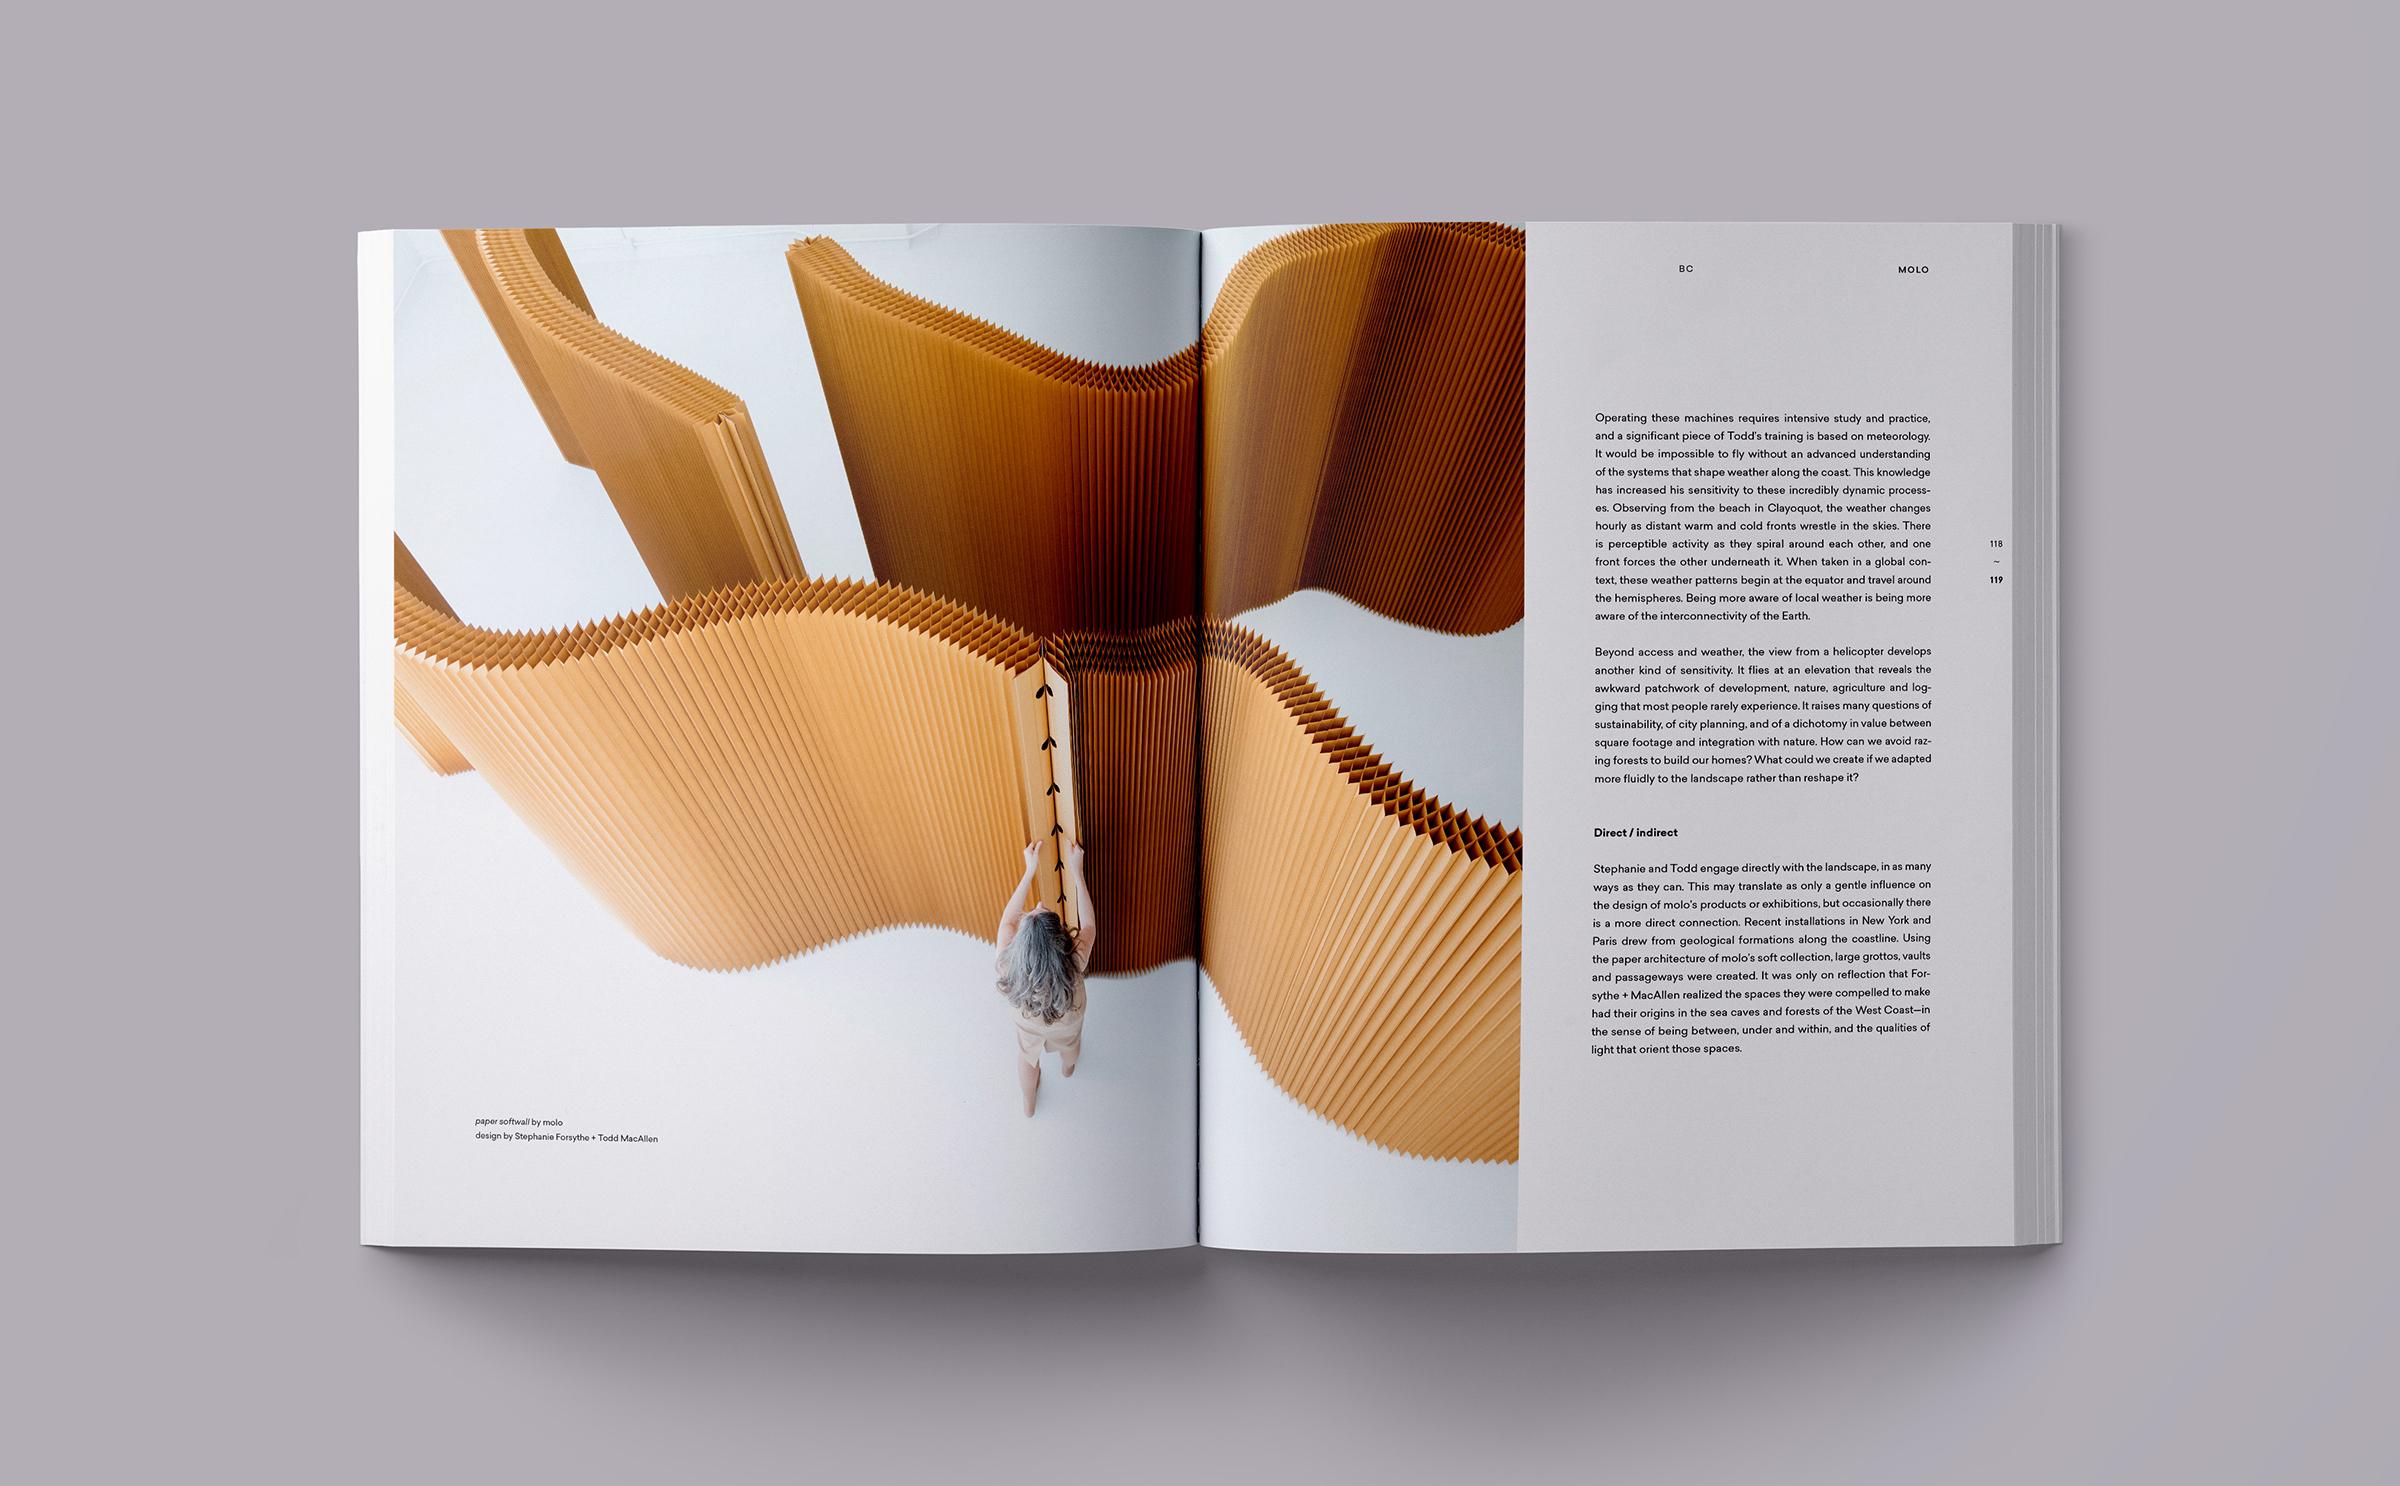 Currents_Pacific-Northwest-Design_IDS_book_daniel-zachrisson_7.jpg